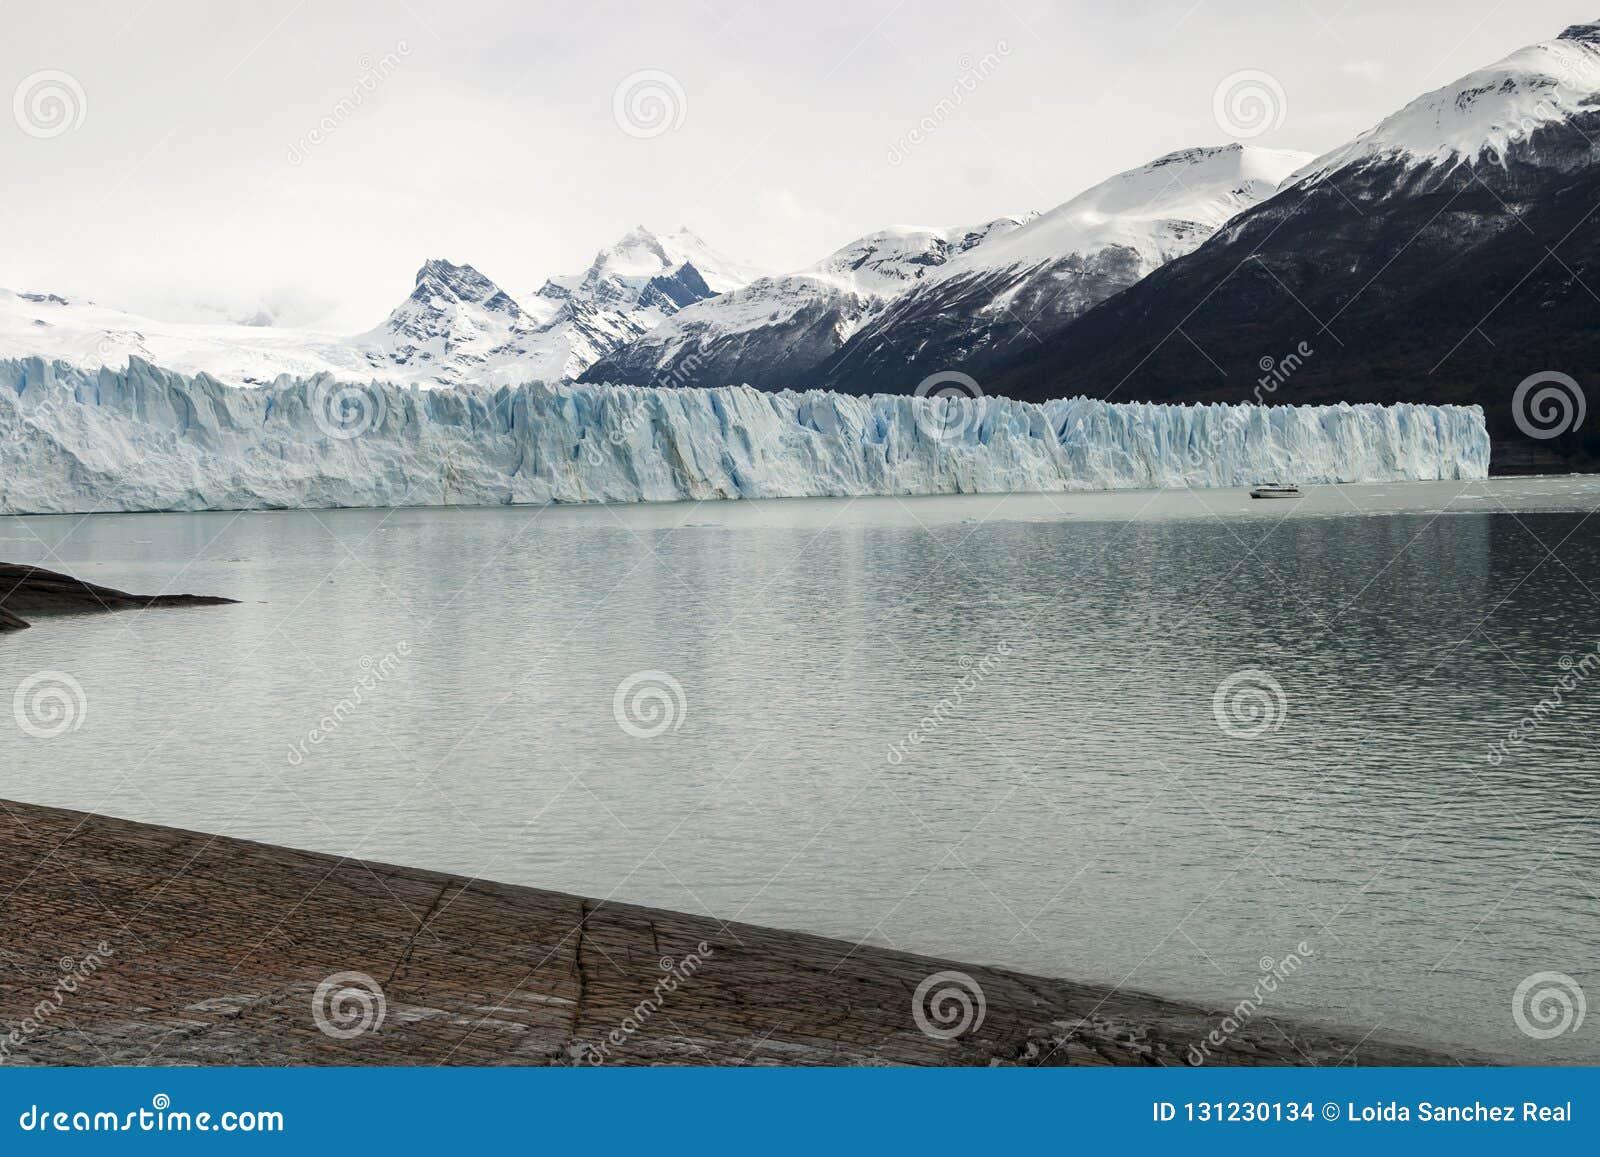 Partial view of the Perito Moreno Glacier on a hike